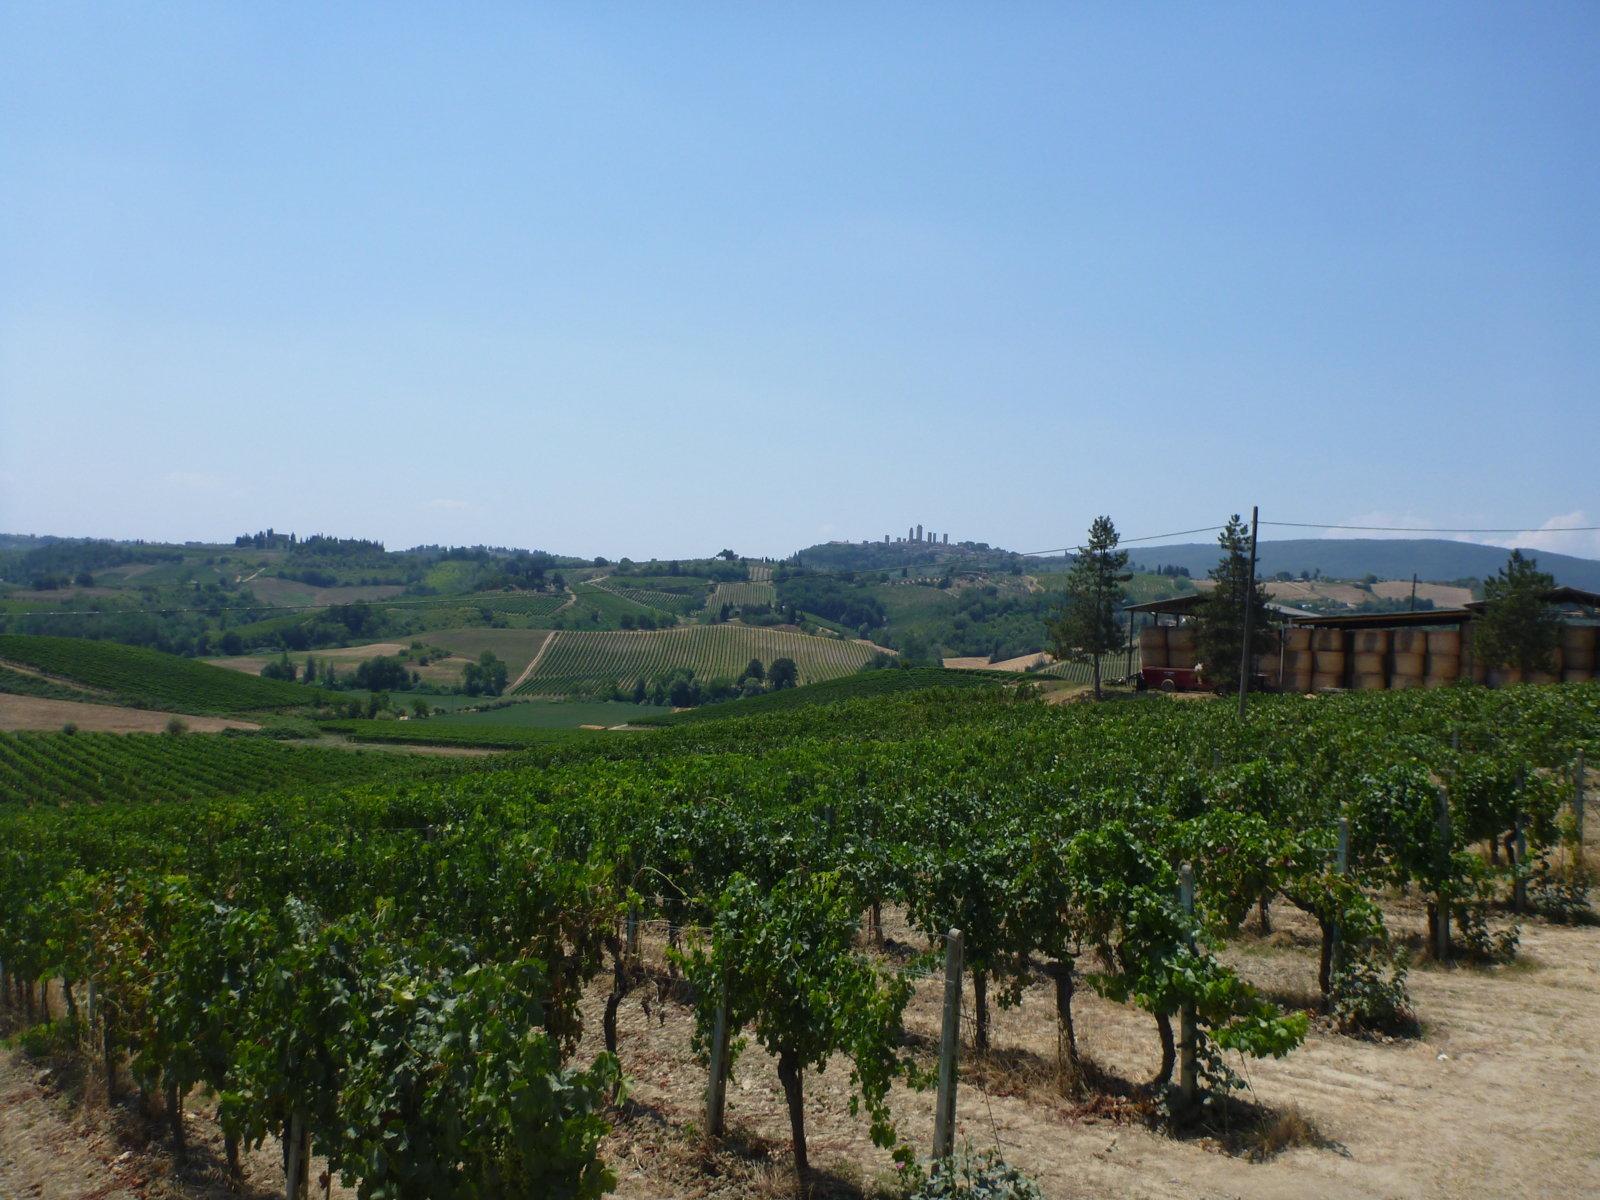 vines Poggio Alloro, Tuscany